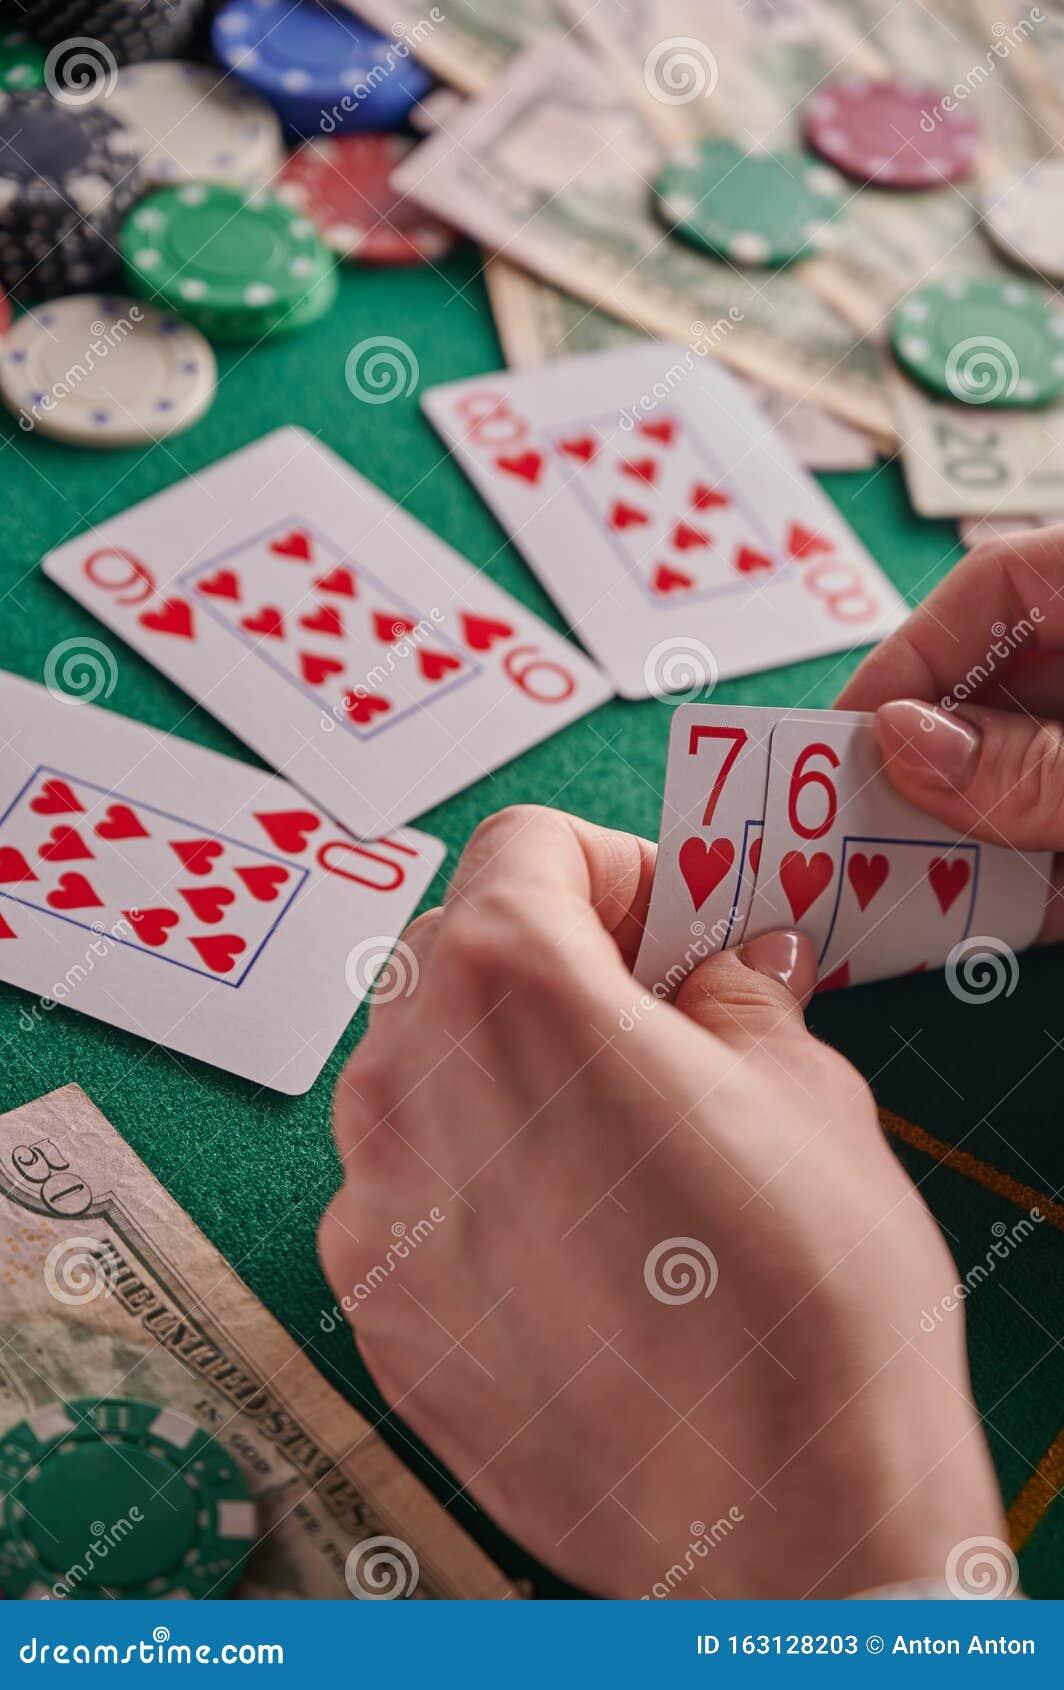 Покер казино на деньги универ сильвестр андреевич играет в карты с гошей